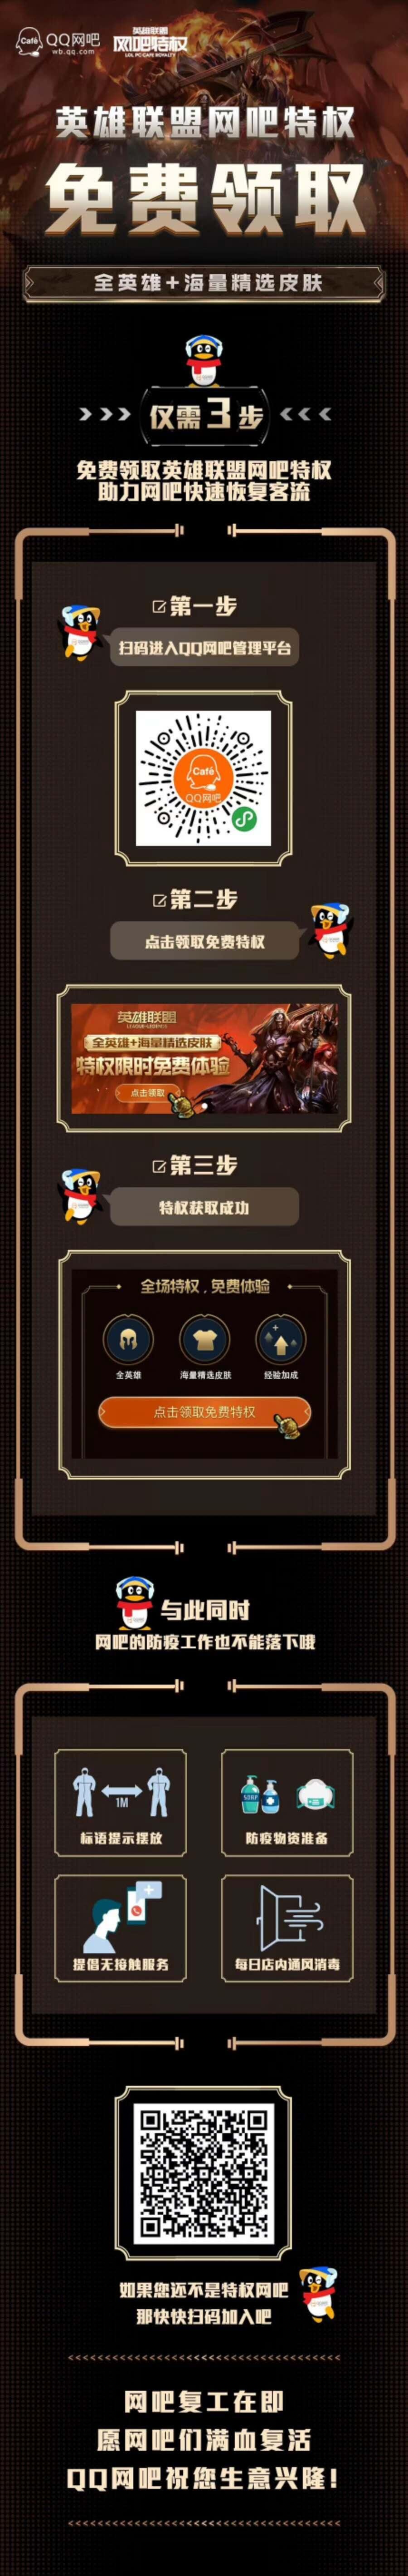 QQ网吧英雄联盟特权14天钻石特权免费领